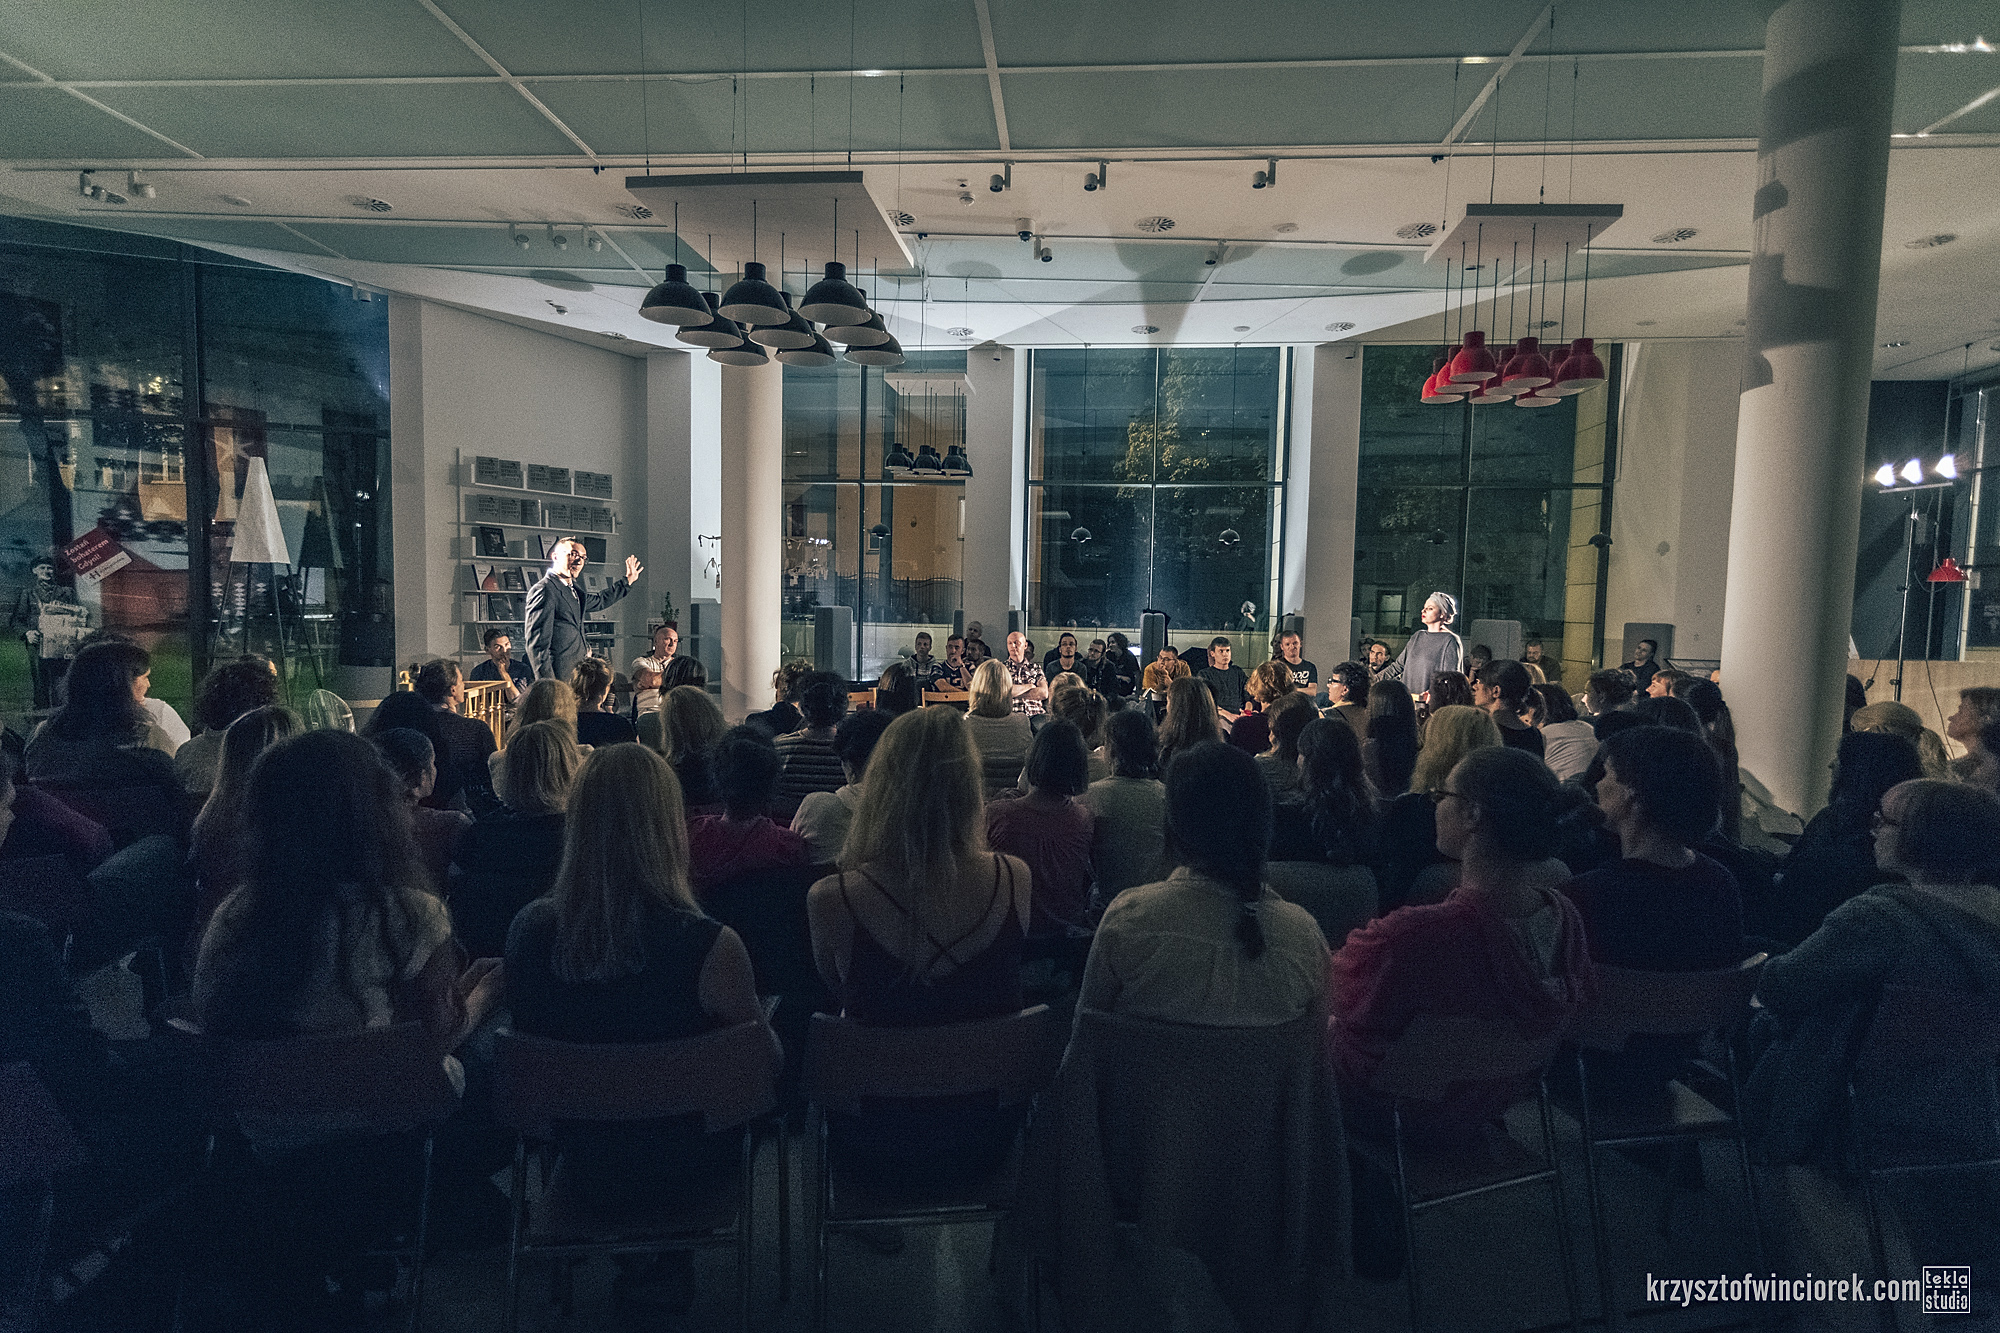 Publicznosc zgromadzona w dużym holu.